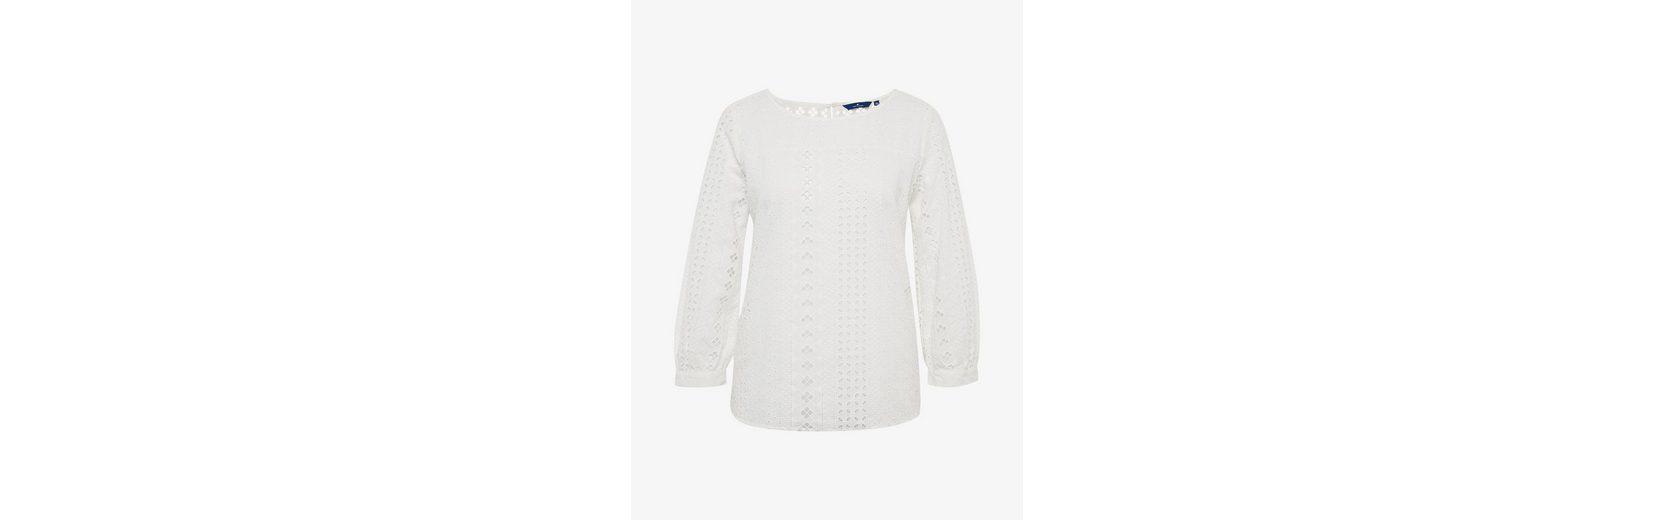 Tom Tailor Shirtbluse Bluse mit Lochstickerei Angebote Online-Verkauf In Deutschland Erstaunlicher Preis Verkauf Online 20eeU